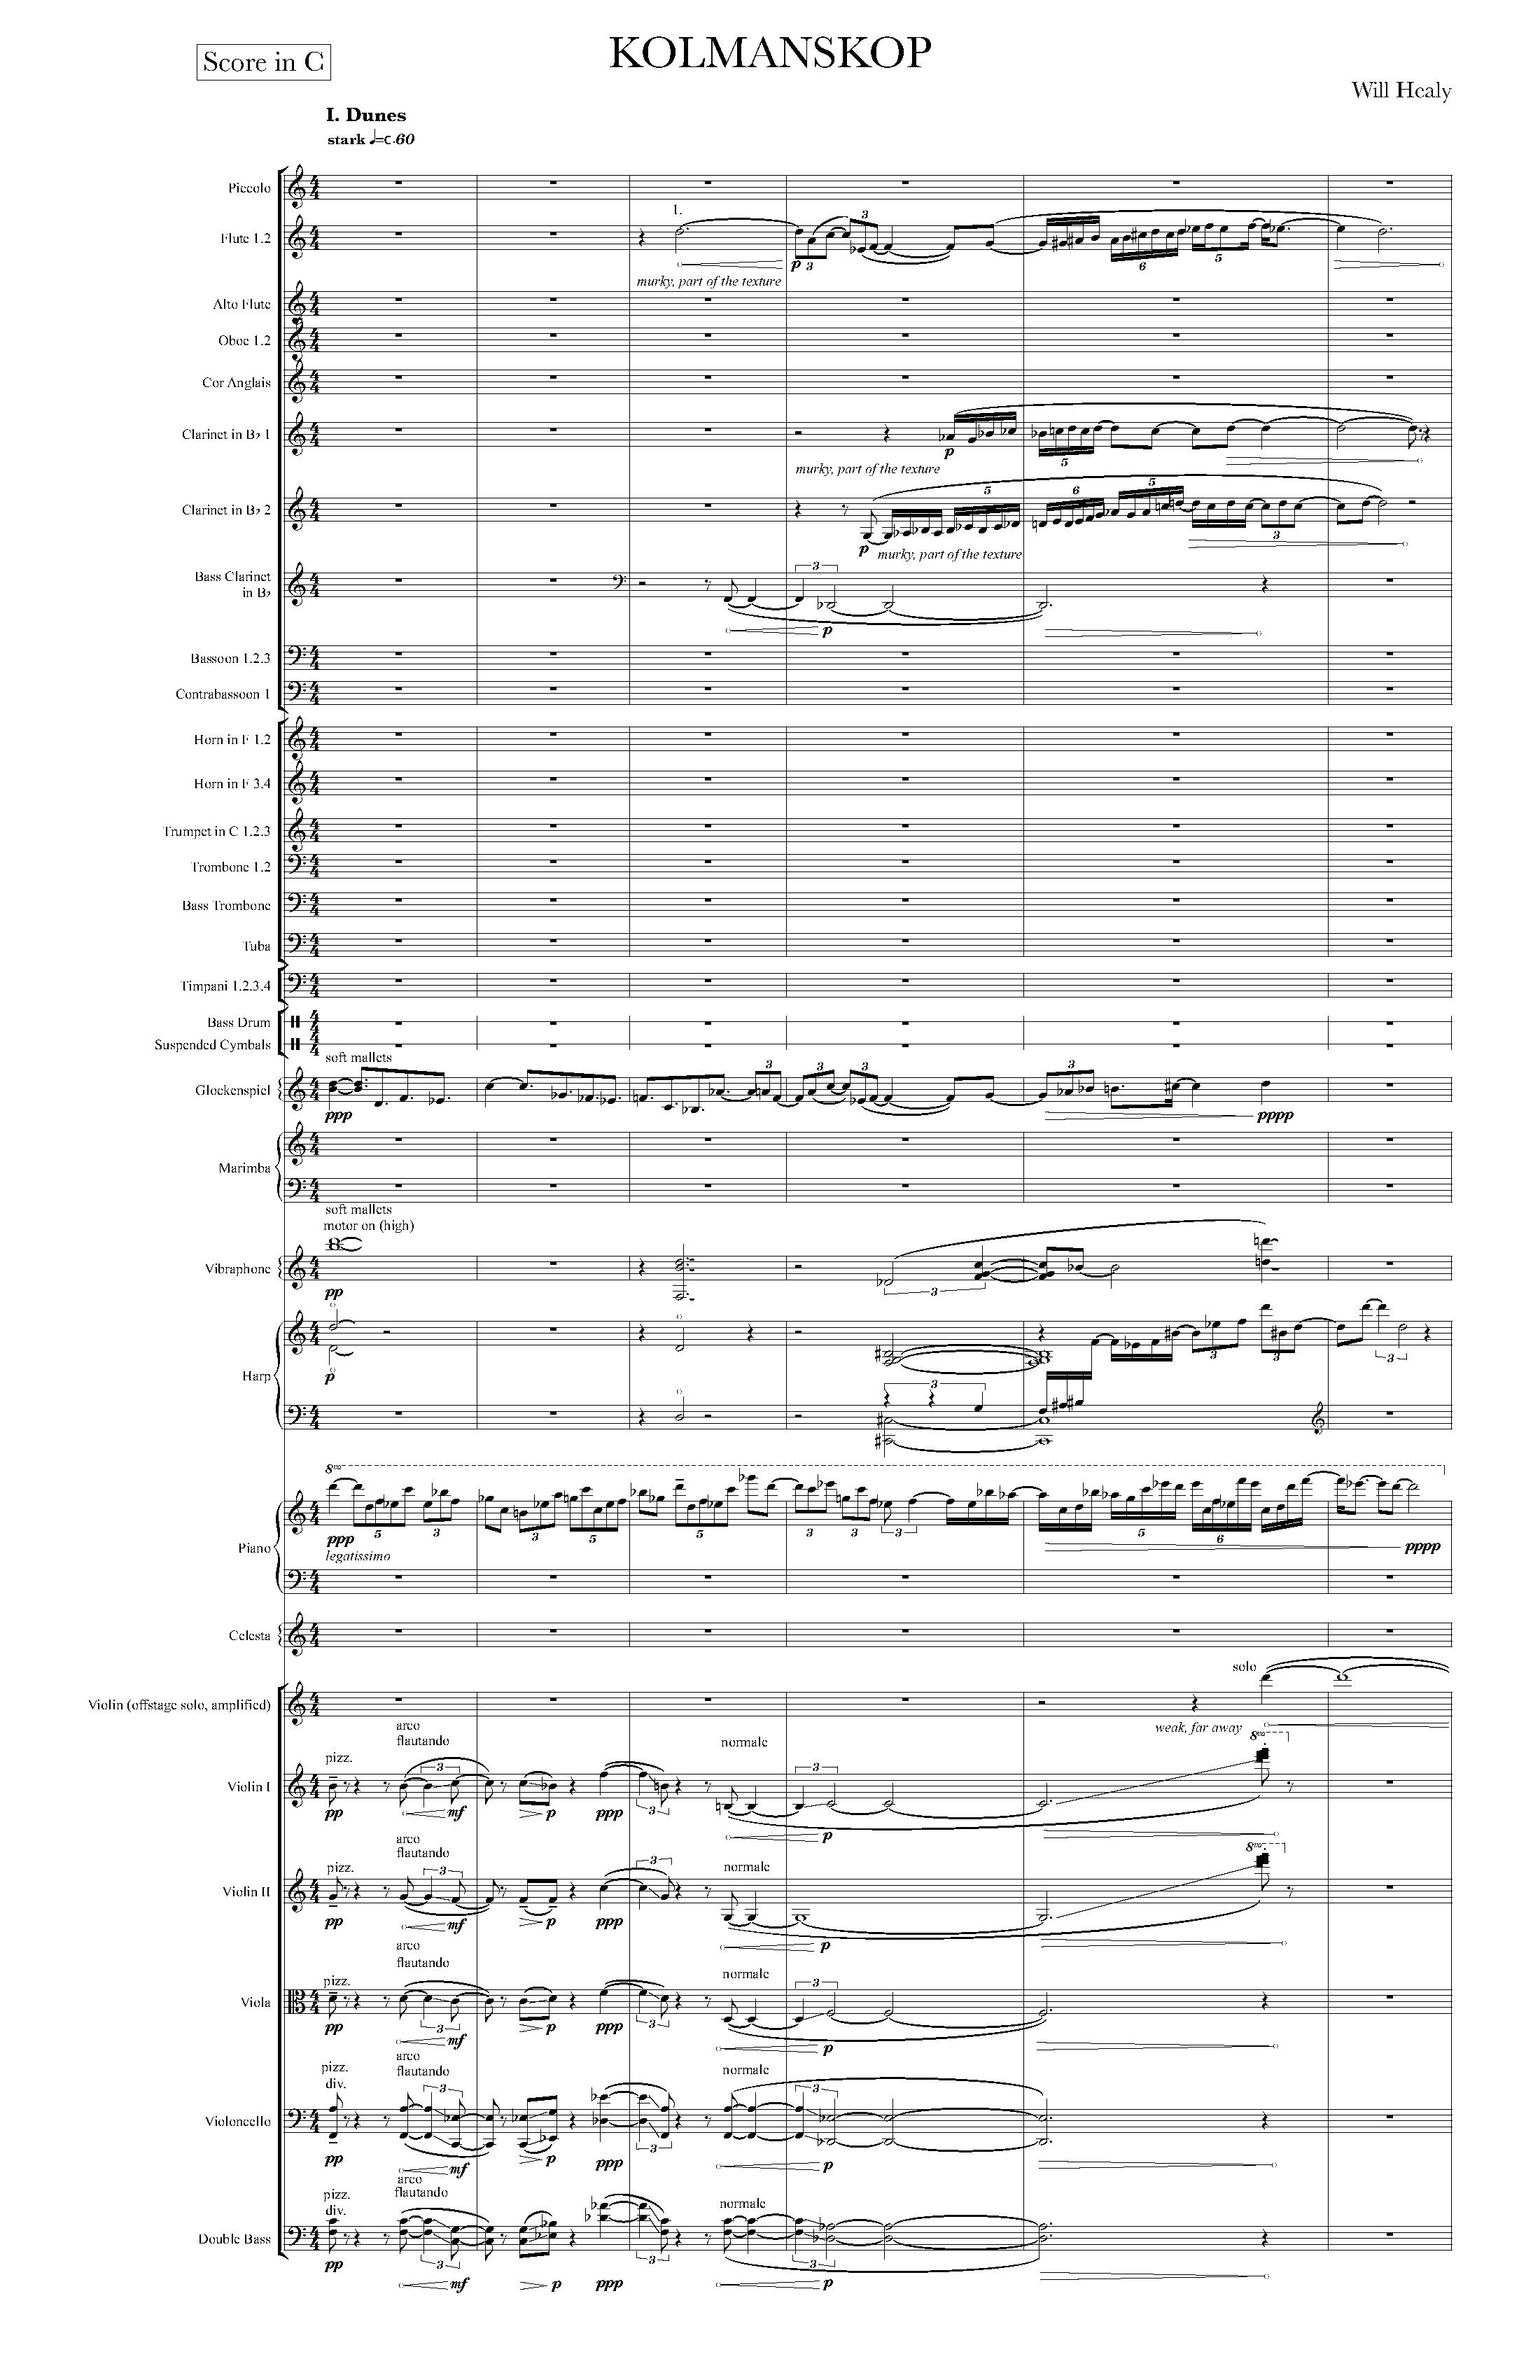 Kolmanskop 4-4-17 score - Full Score_Seite_05.jpg